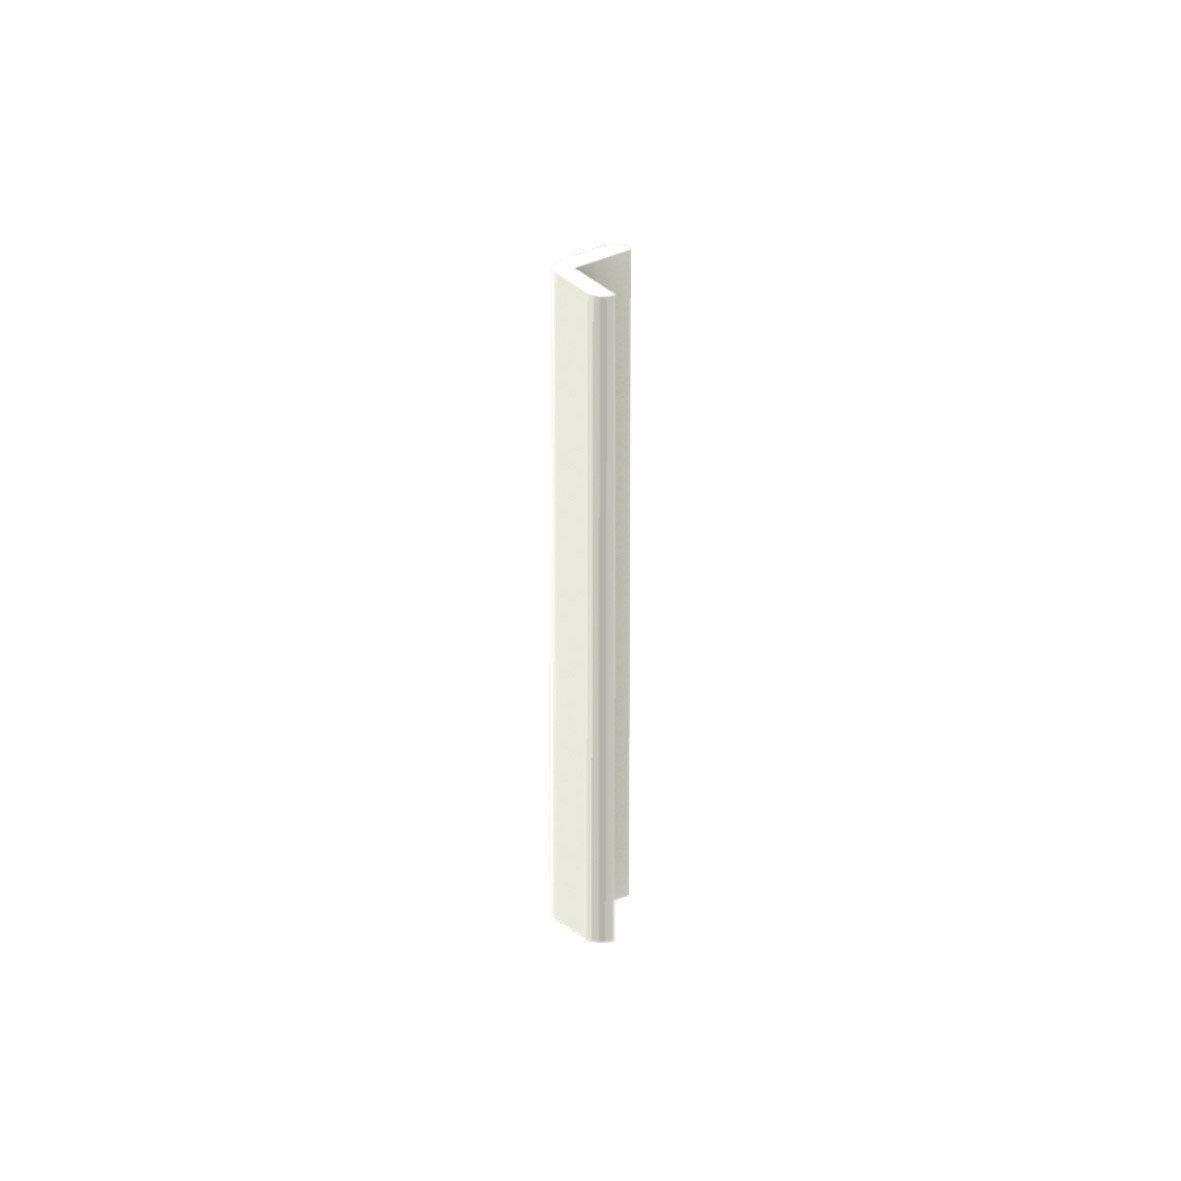 Cornière De Toiture Pvc Cellulaire 25x25 Mm Blanc Pvc In